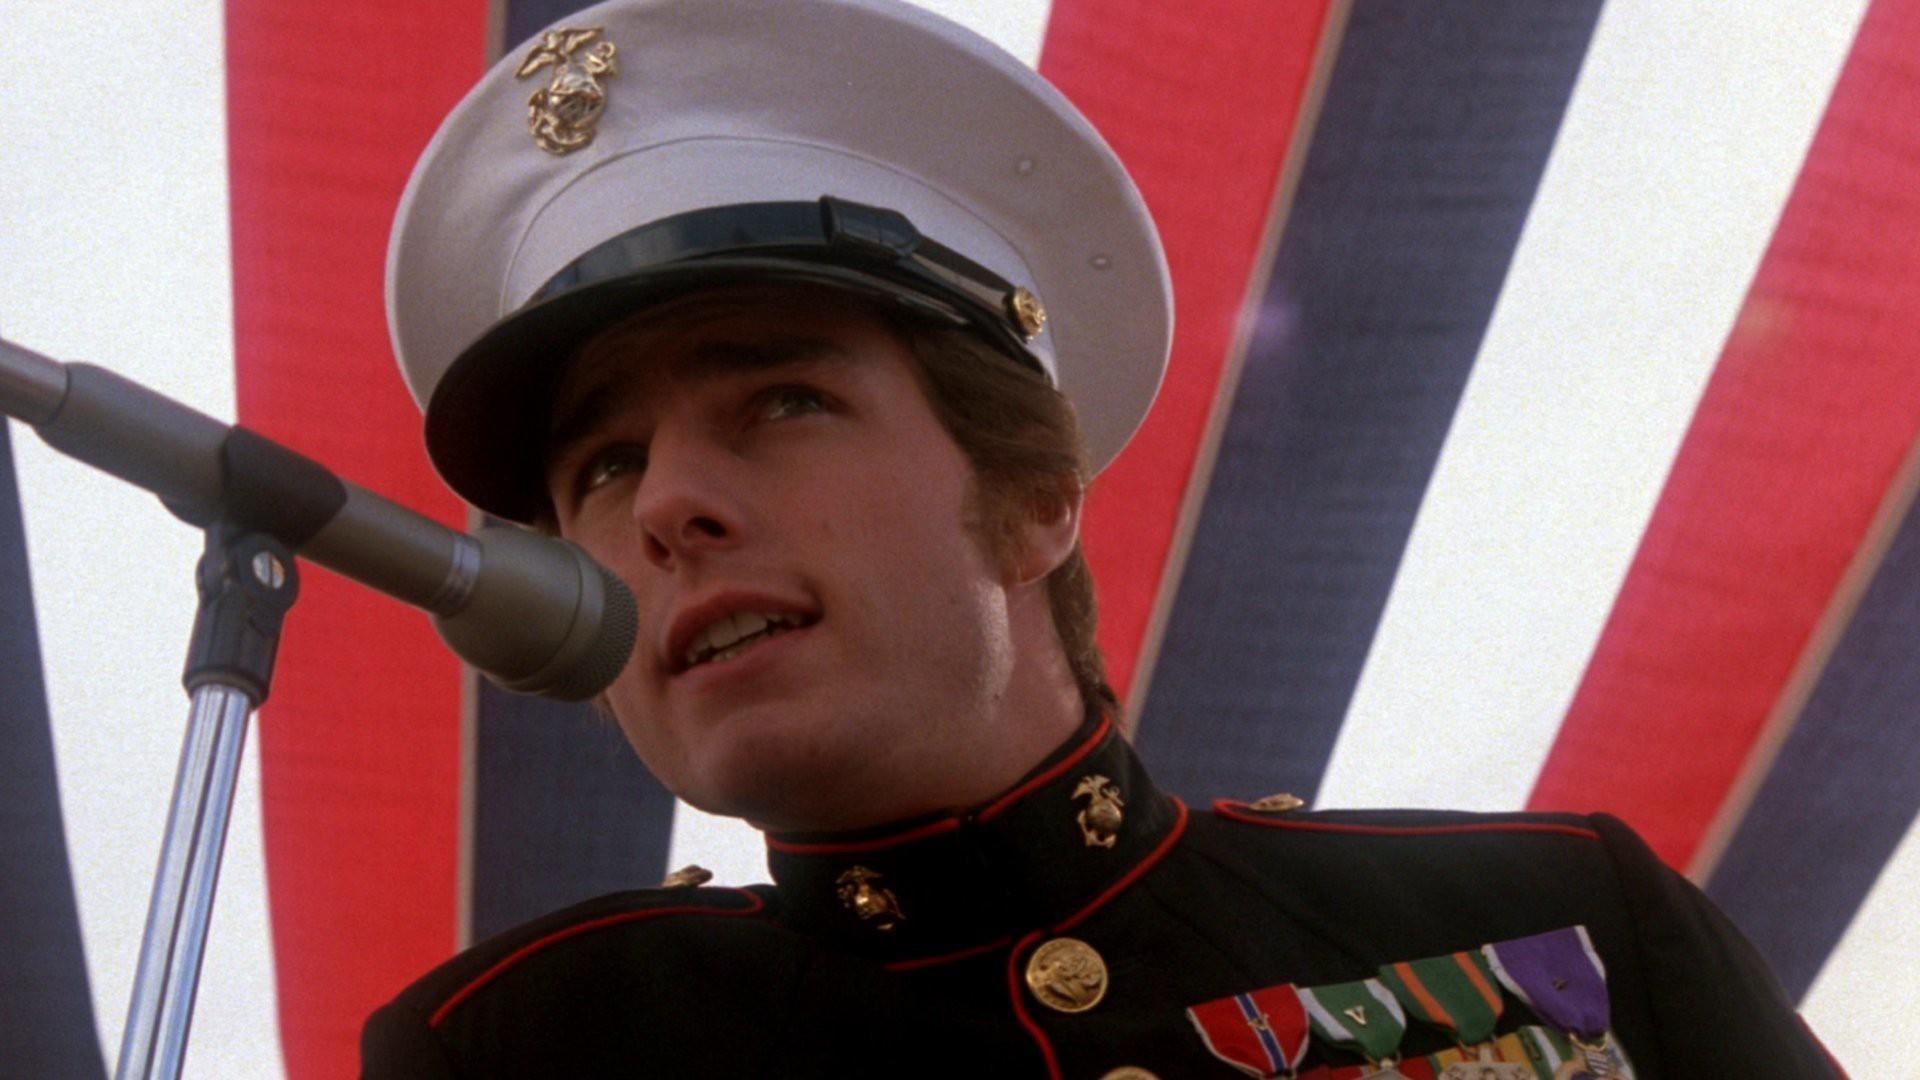 5 bộ phim sẽ khiến bạn mê chú đẹp Tom Cruise ngay lập tức - Ảnh 2.